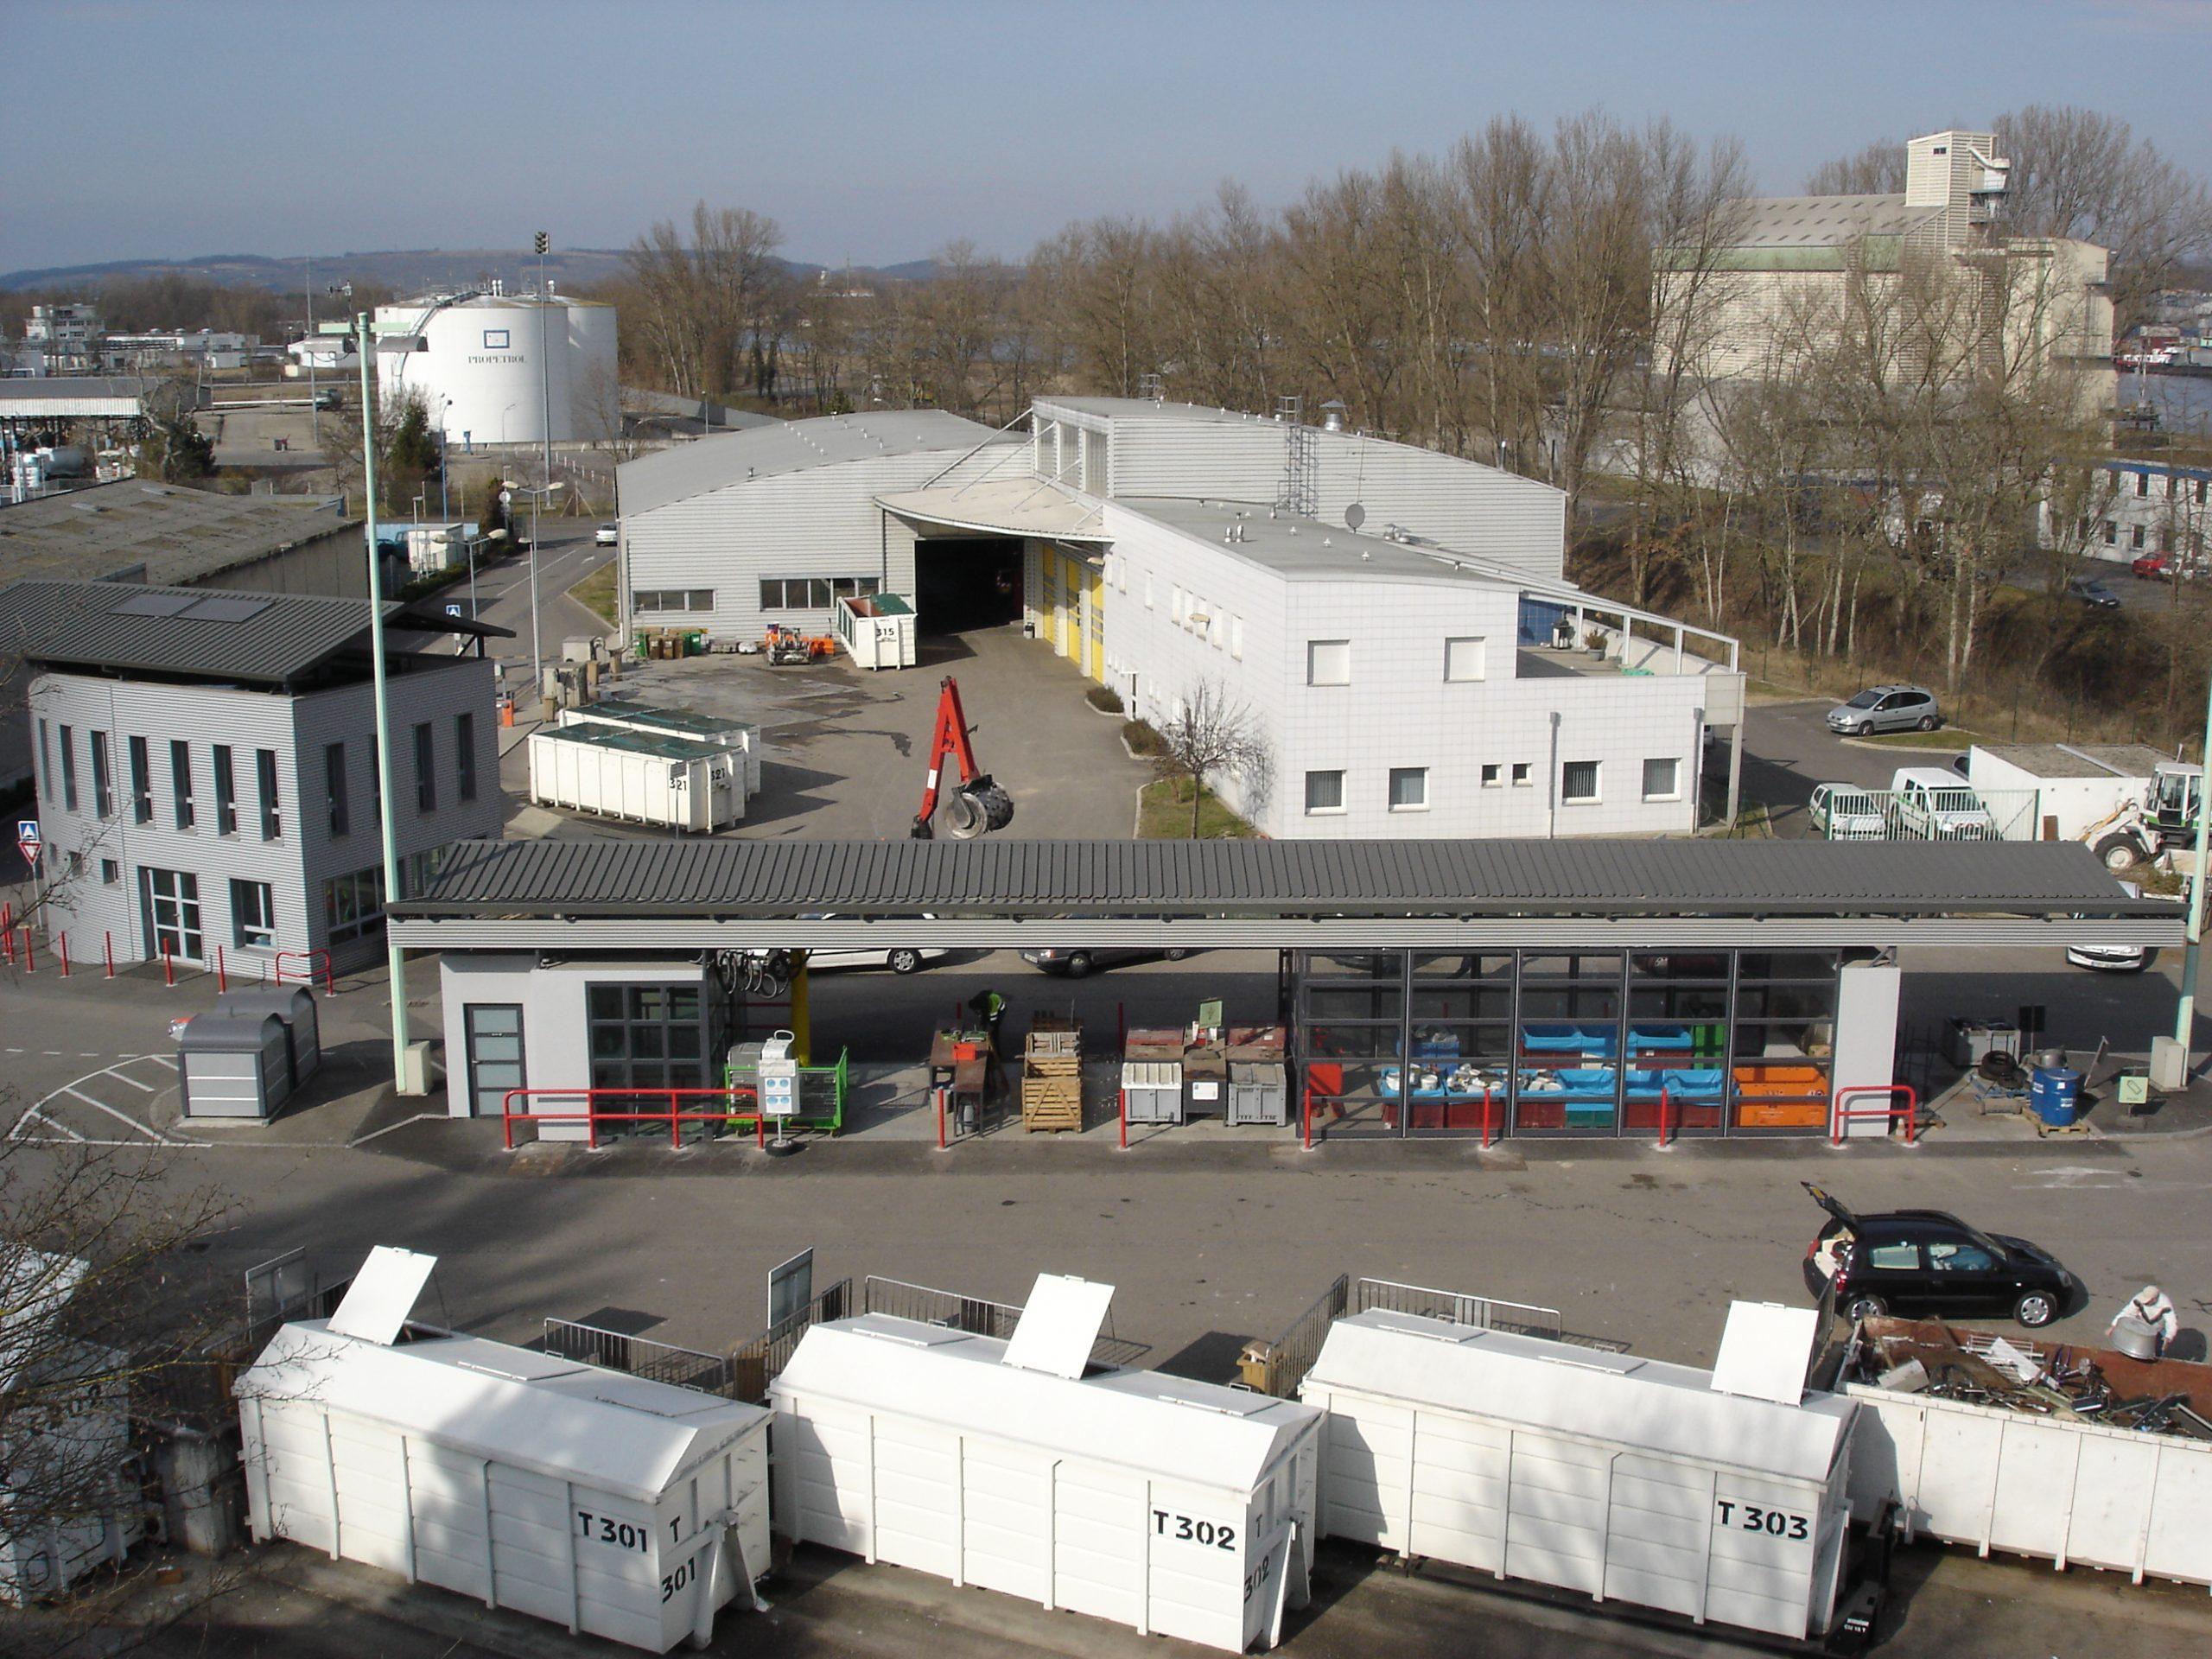 Déchetterie Intercommunale De Village-Neuf - Saint-Louis ... tout Piscine Village Neuf